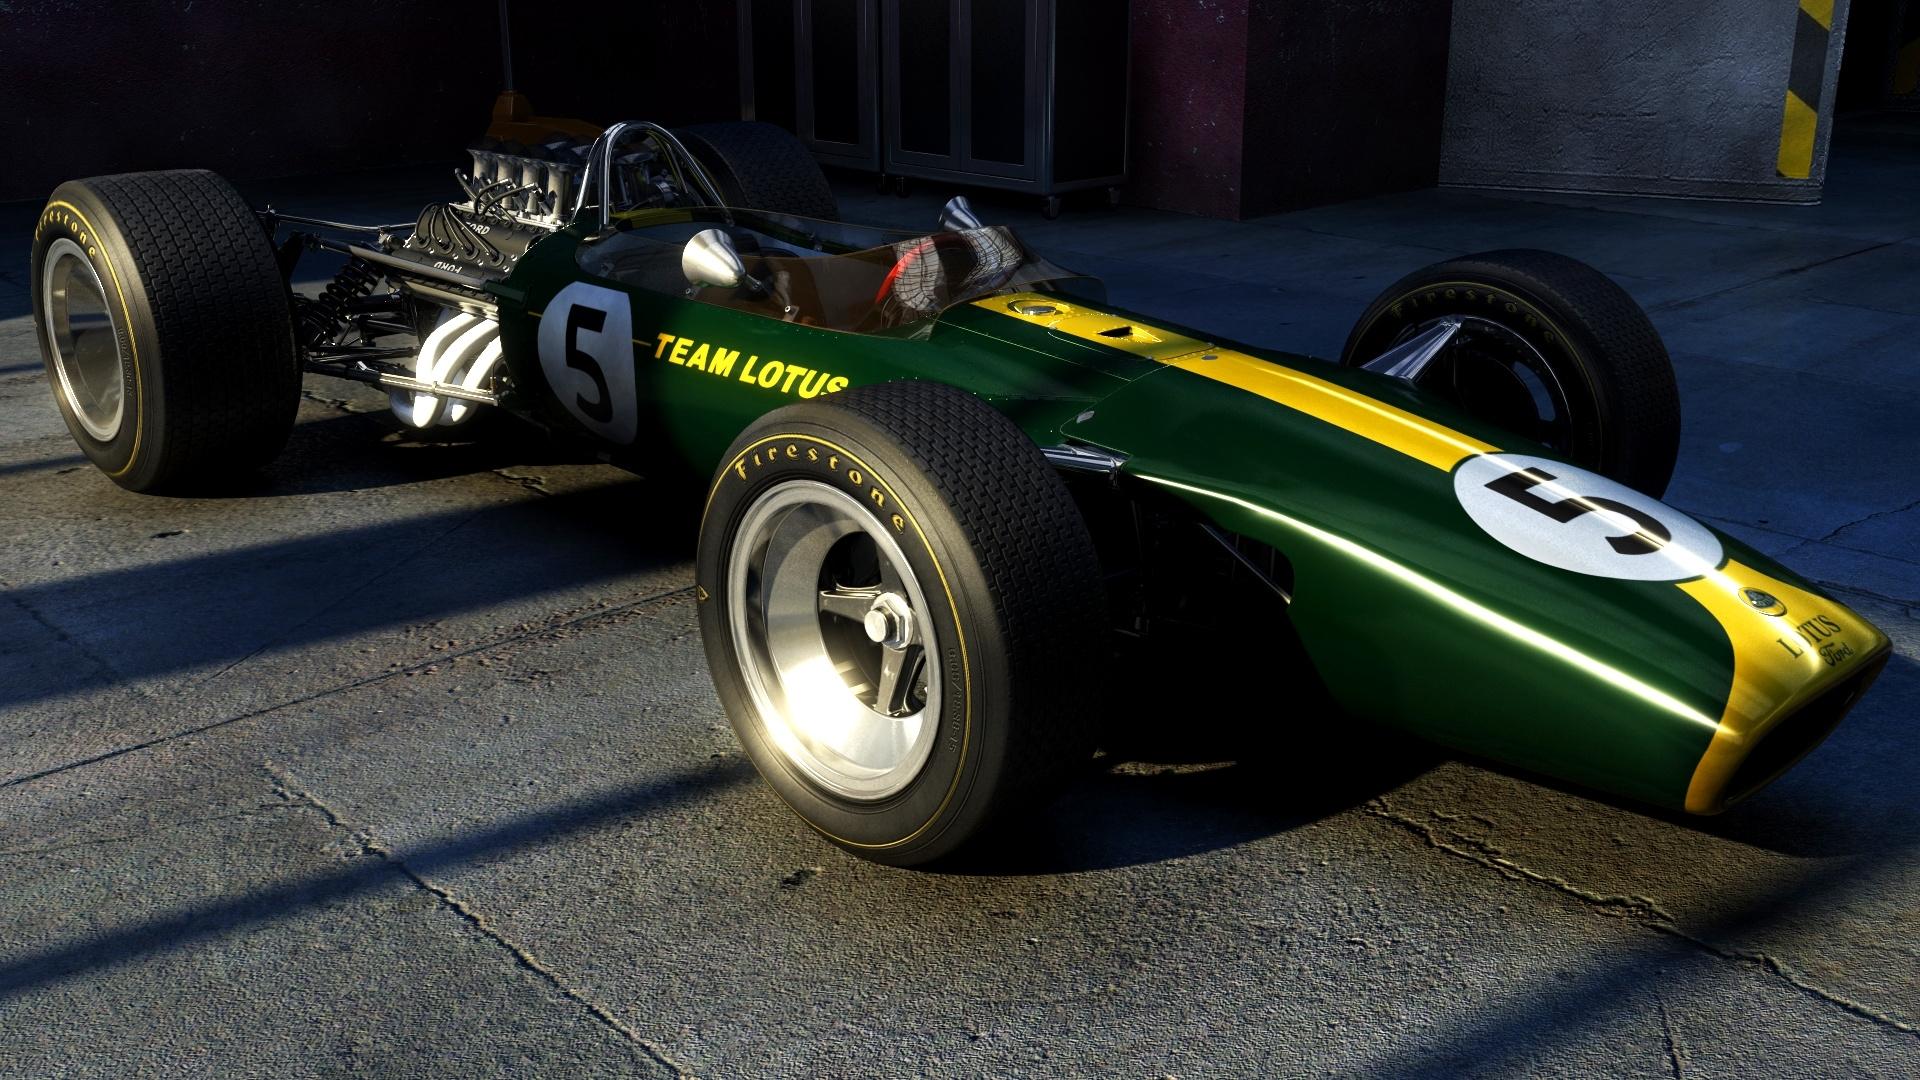 45573 скачать обои Спорт, Транспорт, Машины, Формула-1 (Formula-1, F1) - заставки и картинки бесплатно